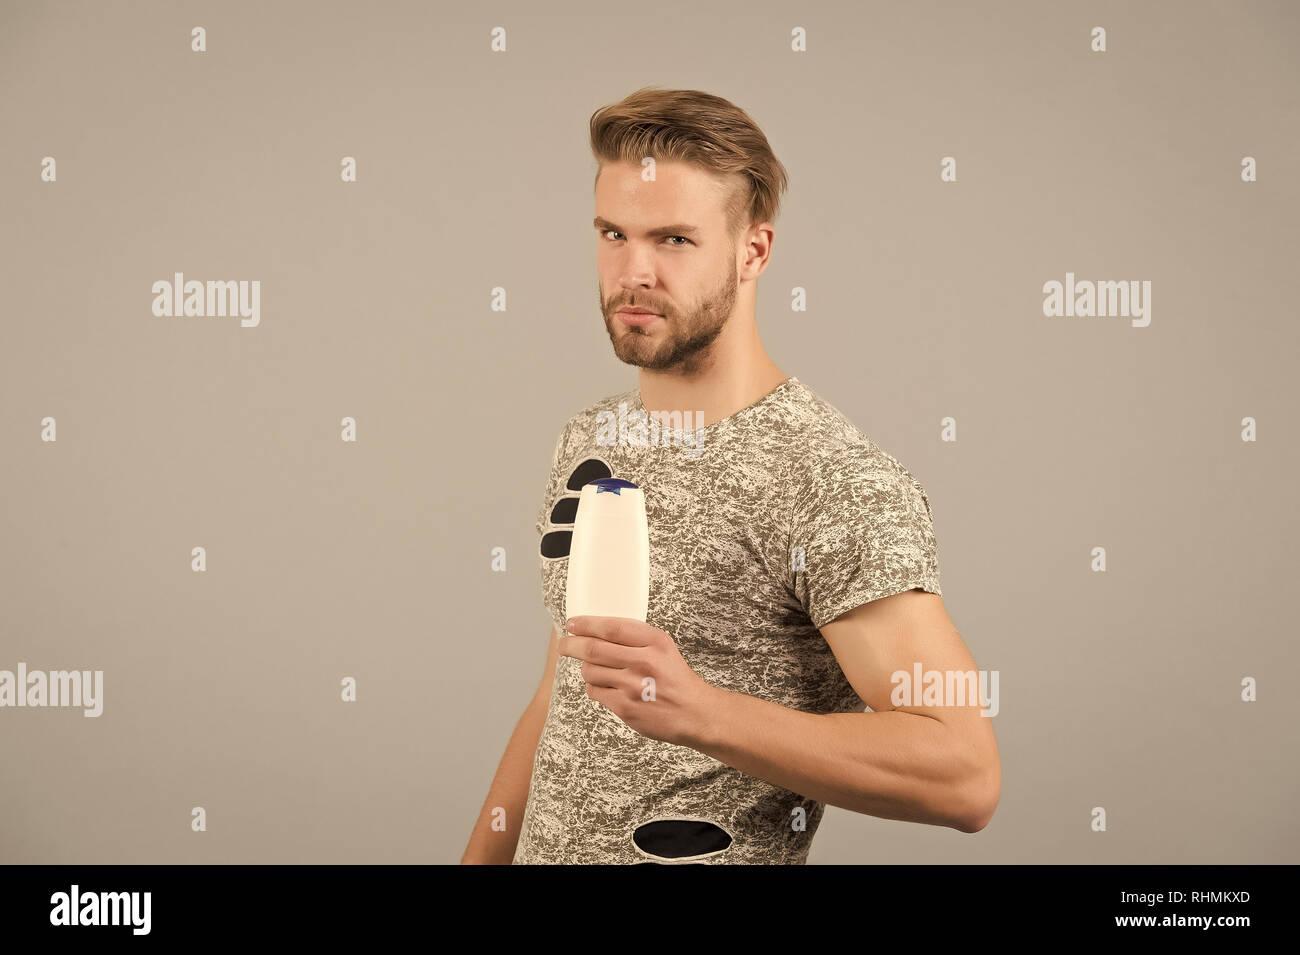 Uomo con shampoo o gel flacone in mano. Macho con i capelli alla moda b0f1b9d9aee4